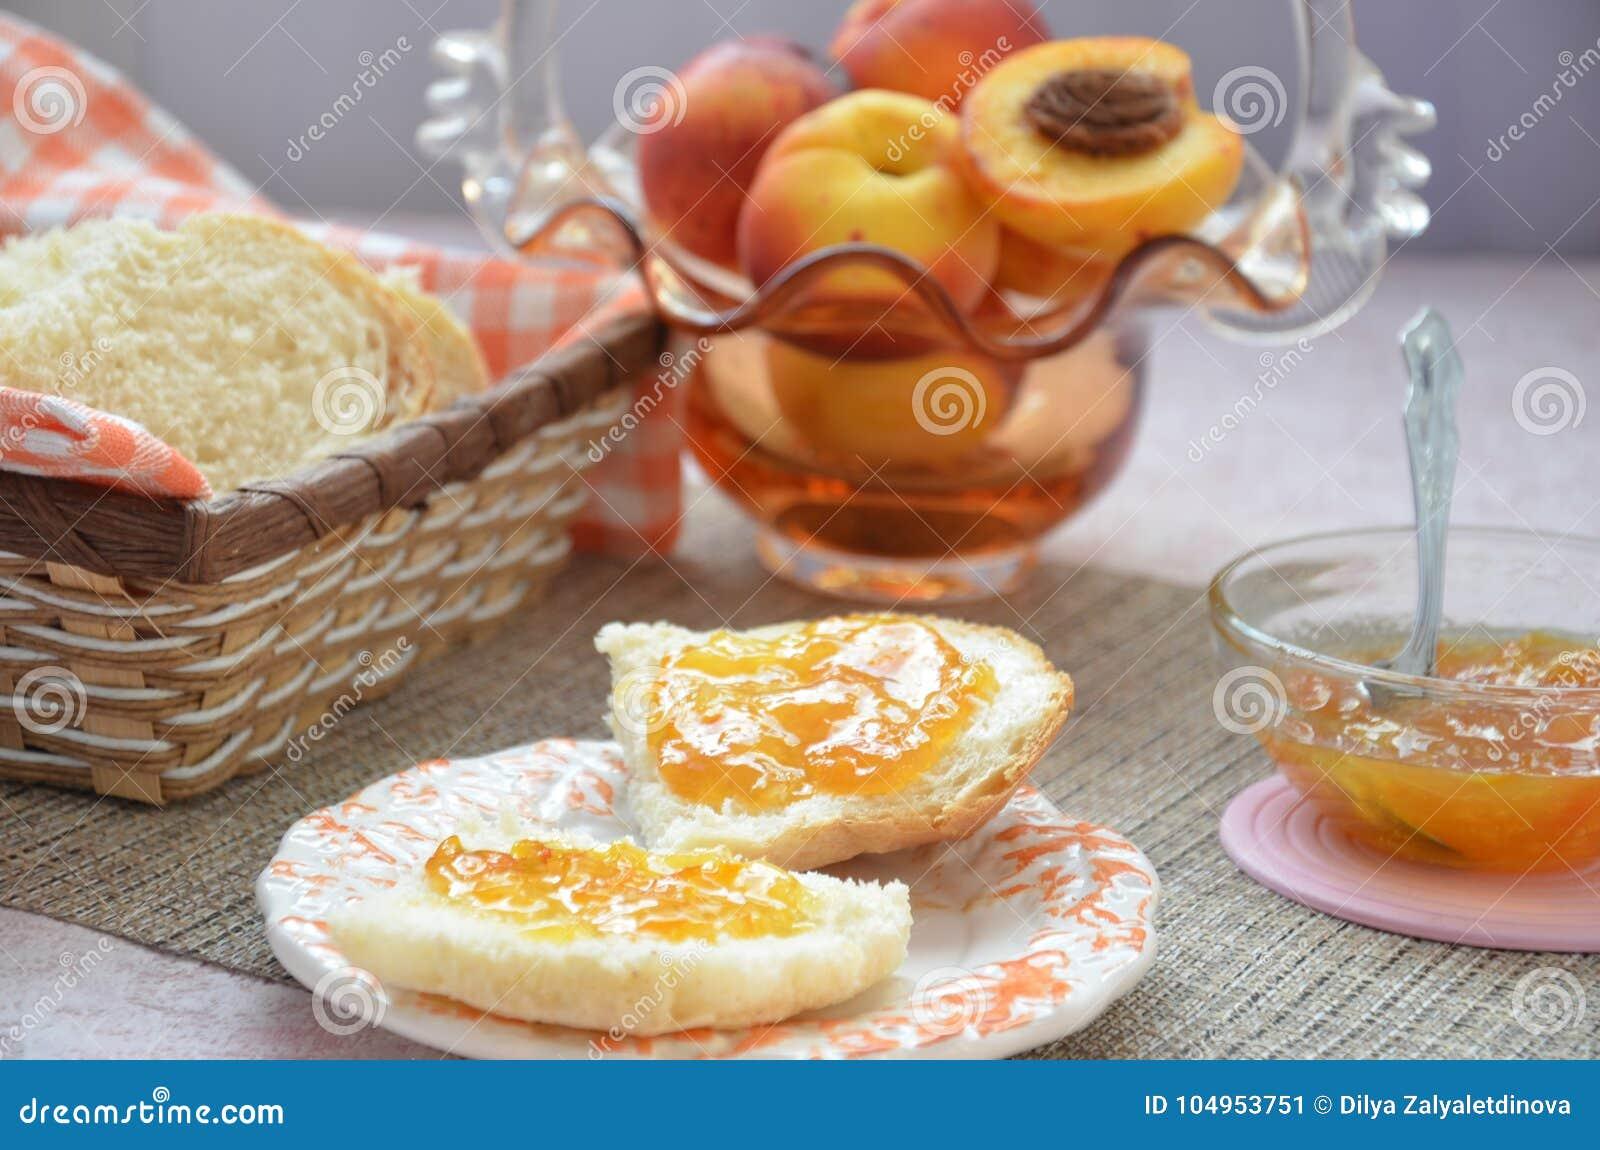 Υγιή συστατικά προγευμάτων Κύπελλο του granola βρωμών όμορφο φρέσκο νόστιμο πρόγευμα στον πίνακα λευκό φρυγανιάς ψωμιού